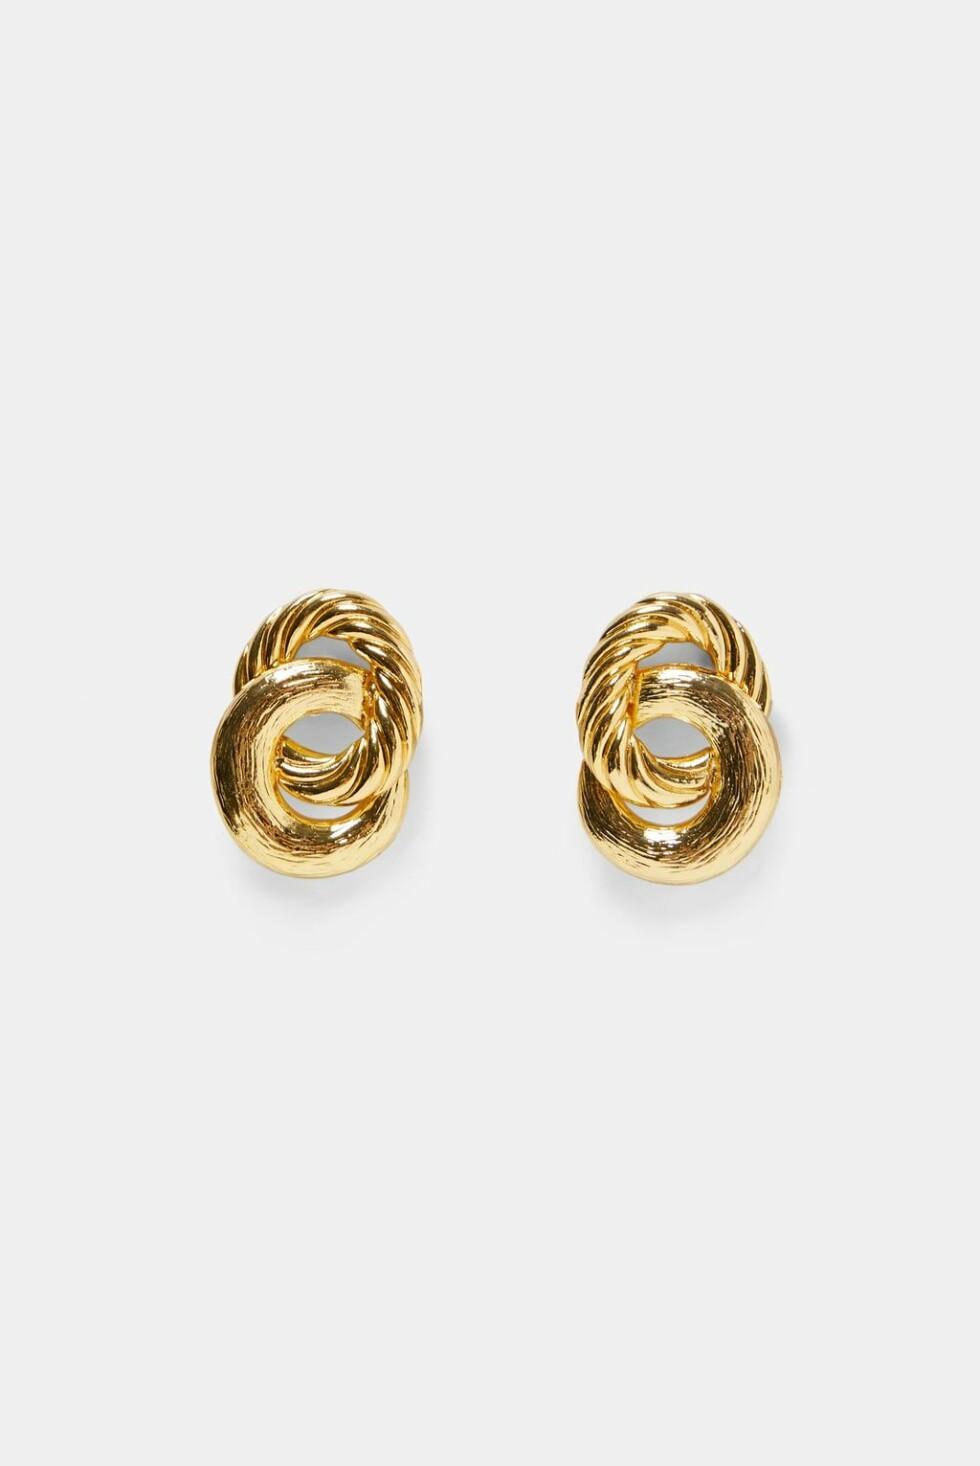 Øredobber fra Zara |170,-| https://www.zara.com/no/no/sammenflettede-metall%C3%B8reringer-p01856234.html?v1=7061617&v2=1074573